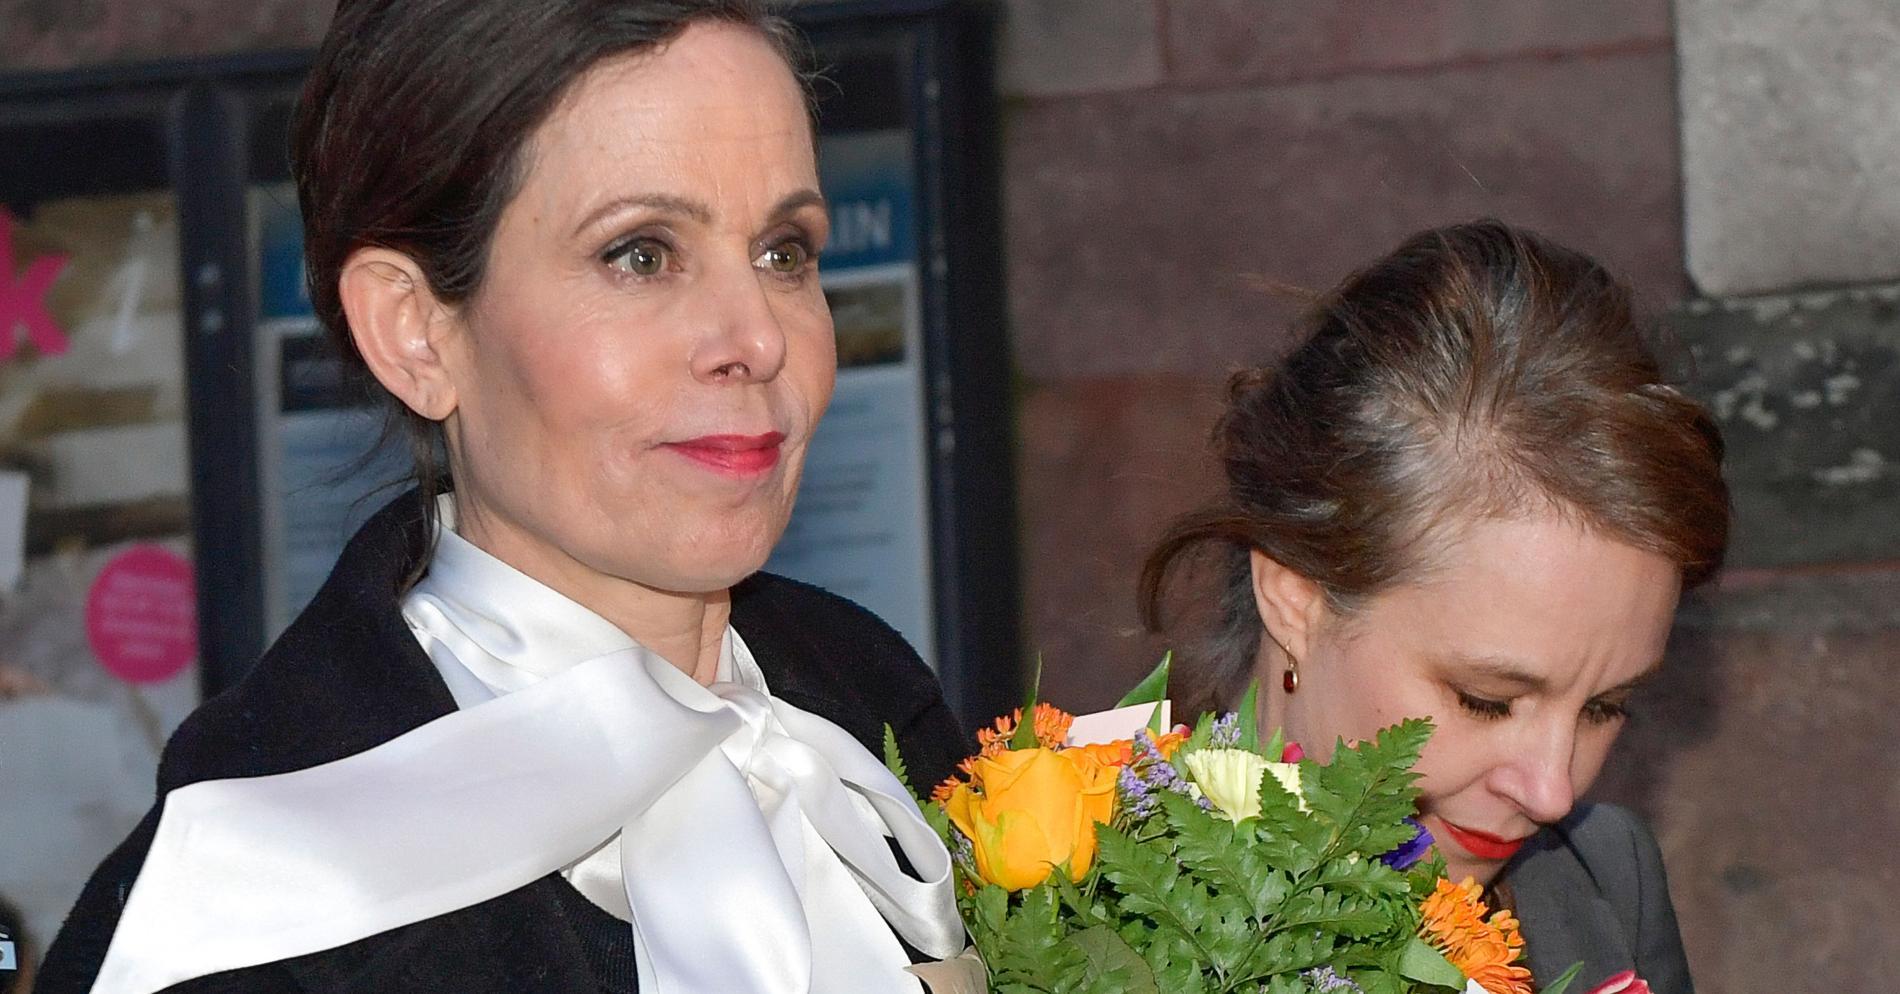 Stockholm 2018. Efter att Svenska akademien suttit i möte i timmar klev Sara Danius ut från Börshuset i Gamla stan och meddelade det samlade pressuppbådet att hon lämnar akademien. För att visa sitt stöd för henne valde kvinnor runt om i landet att klä sig i knytblus.